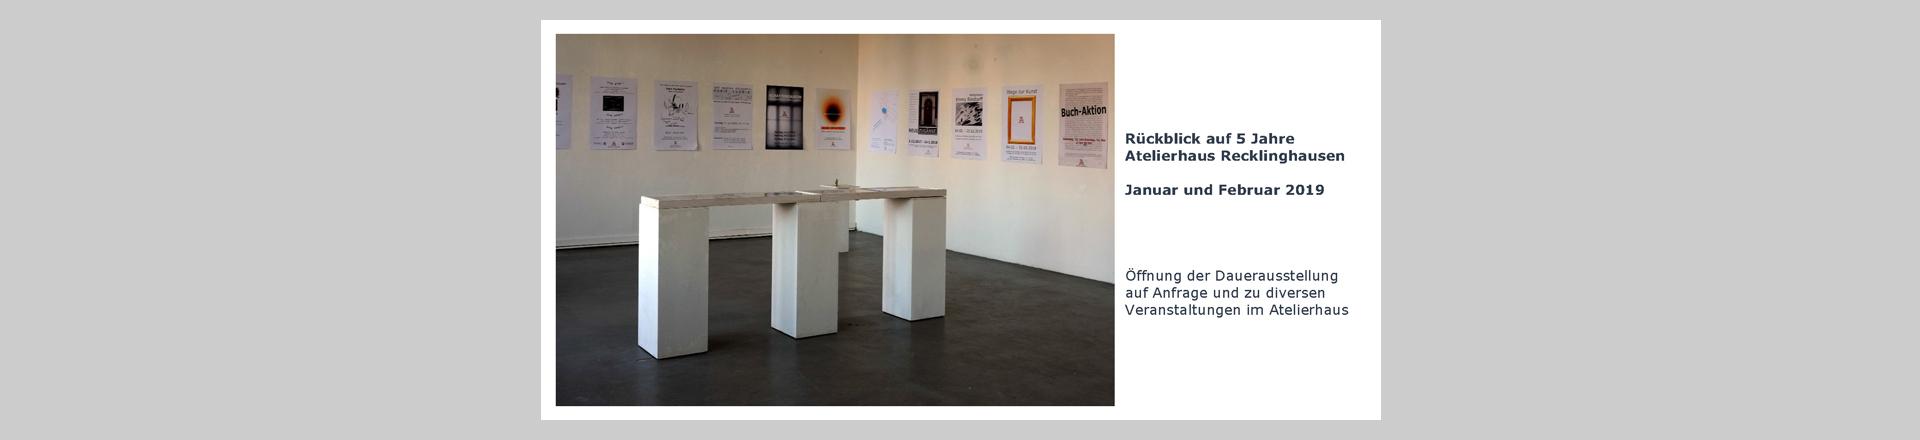 AtelierhausAusstellungen2015-2019